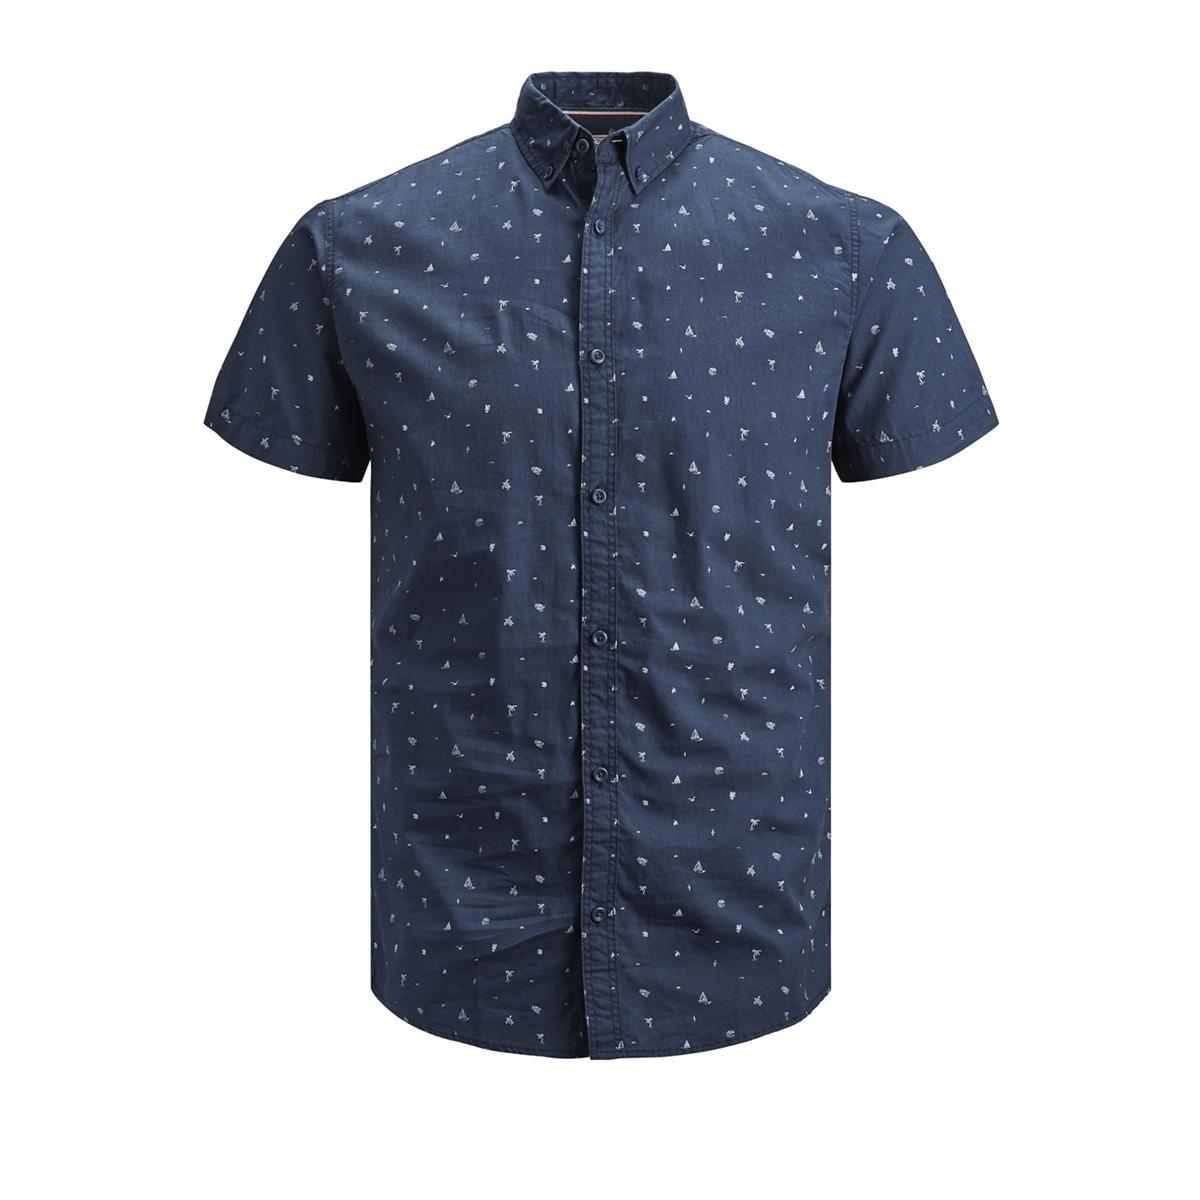 pktdek beach aop shirt ss 12152893 produkt overhemd dark denim